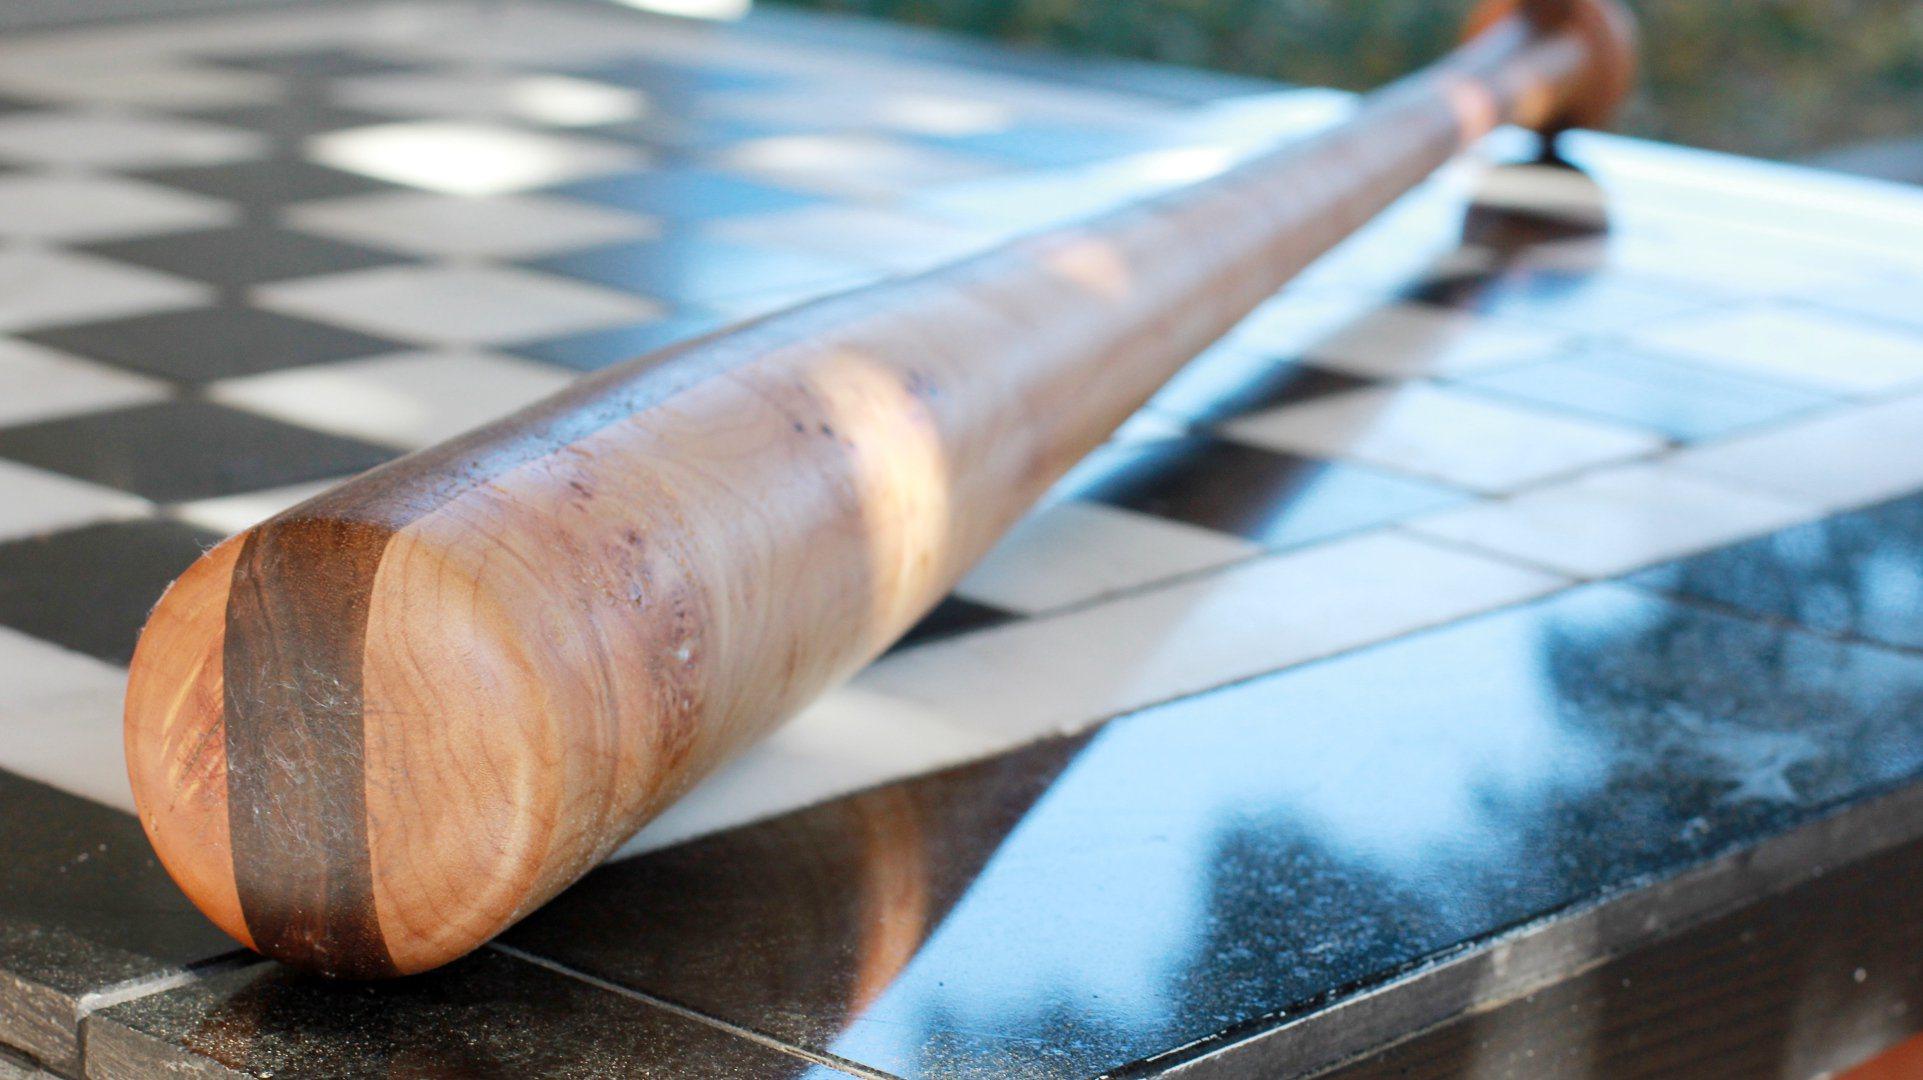 Darbin Orvar: A Baseball Bat from Rough Lumber